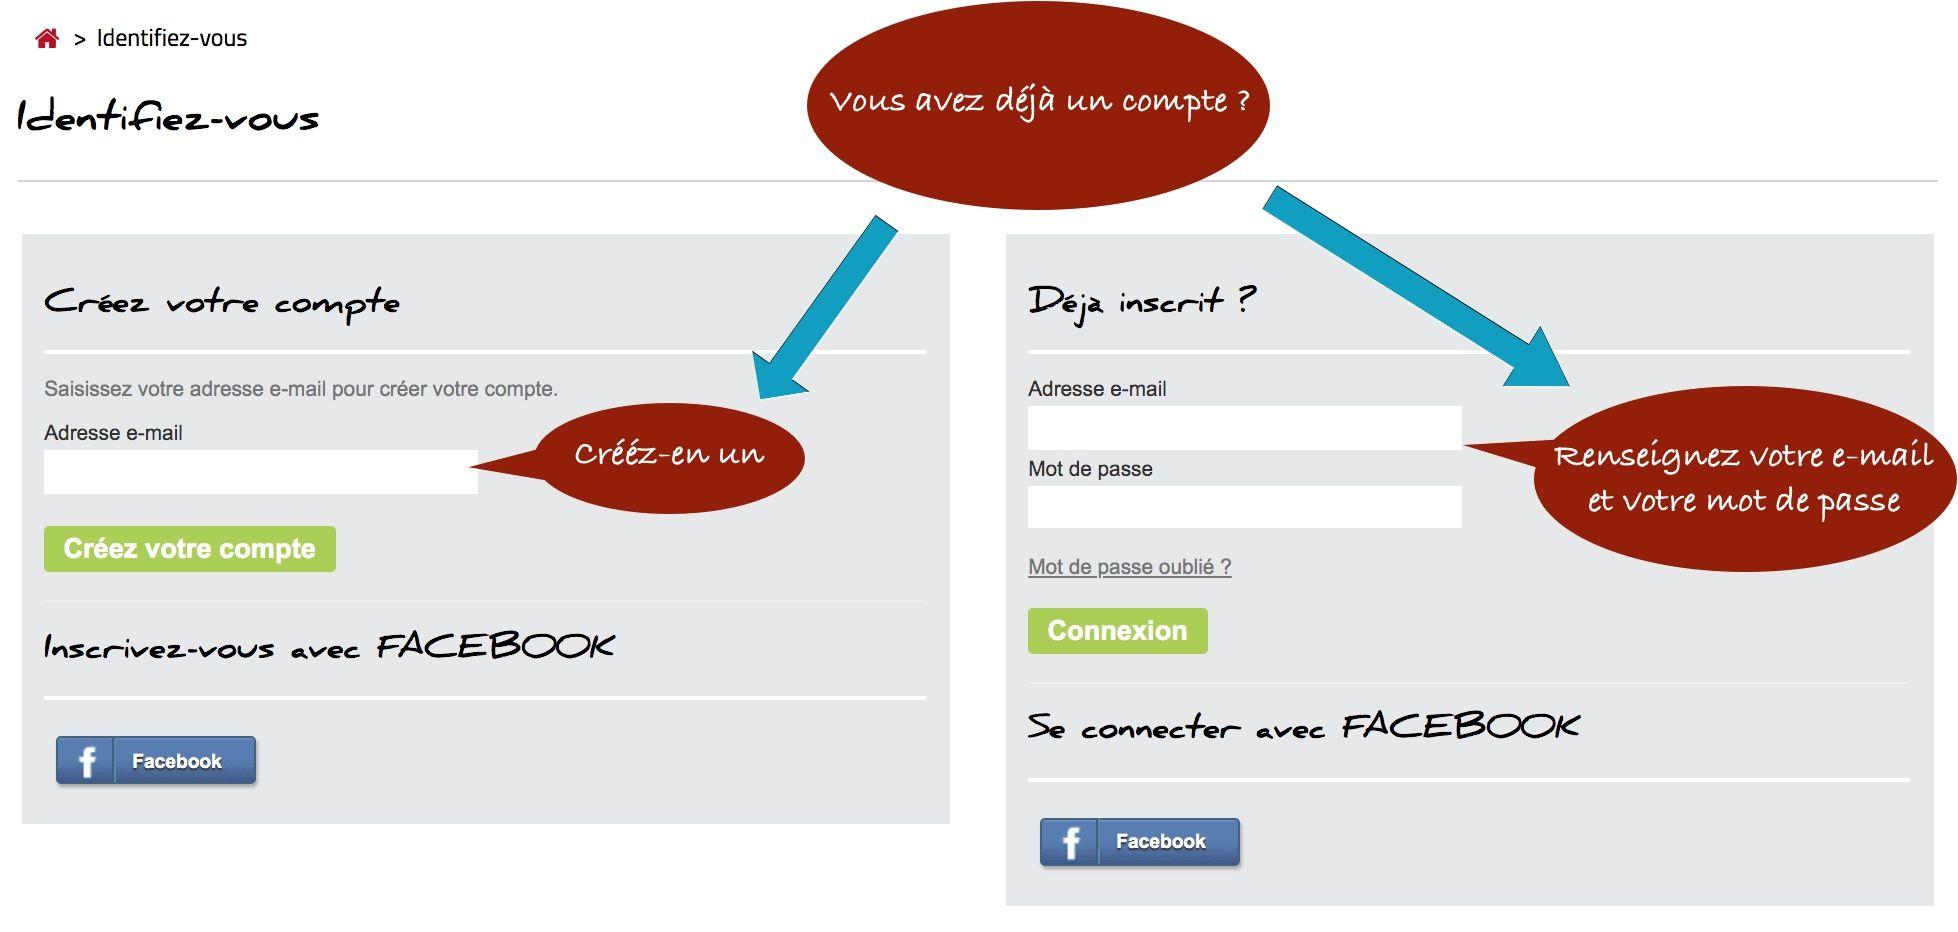 Connectez-vous ou créez votre compte sur www.cotemosaique.com